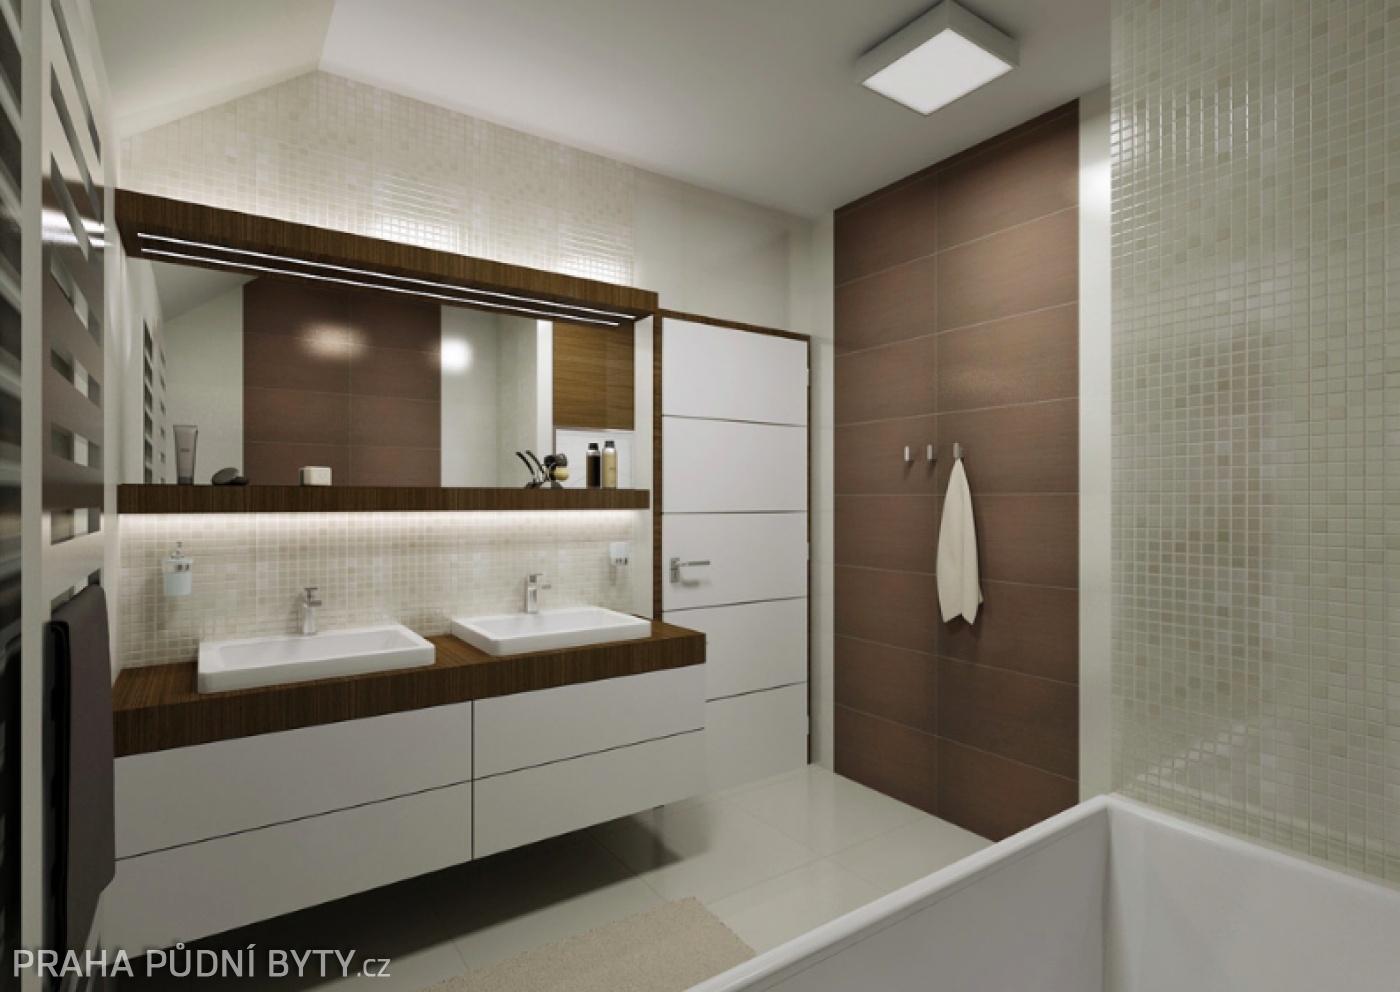 Půdní byt 4+kk, plocha 137 m², ulice Nad Závěrkou, Praha 6 - Břevnov | 2